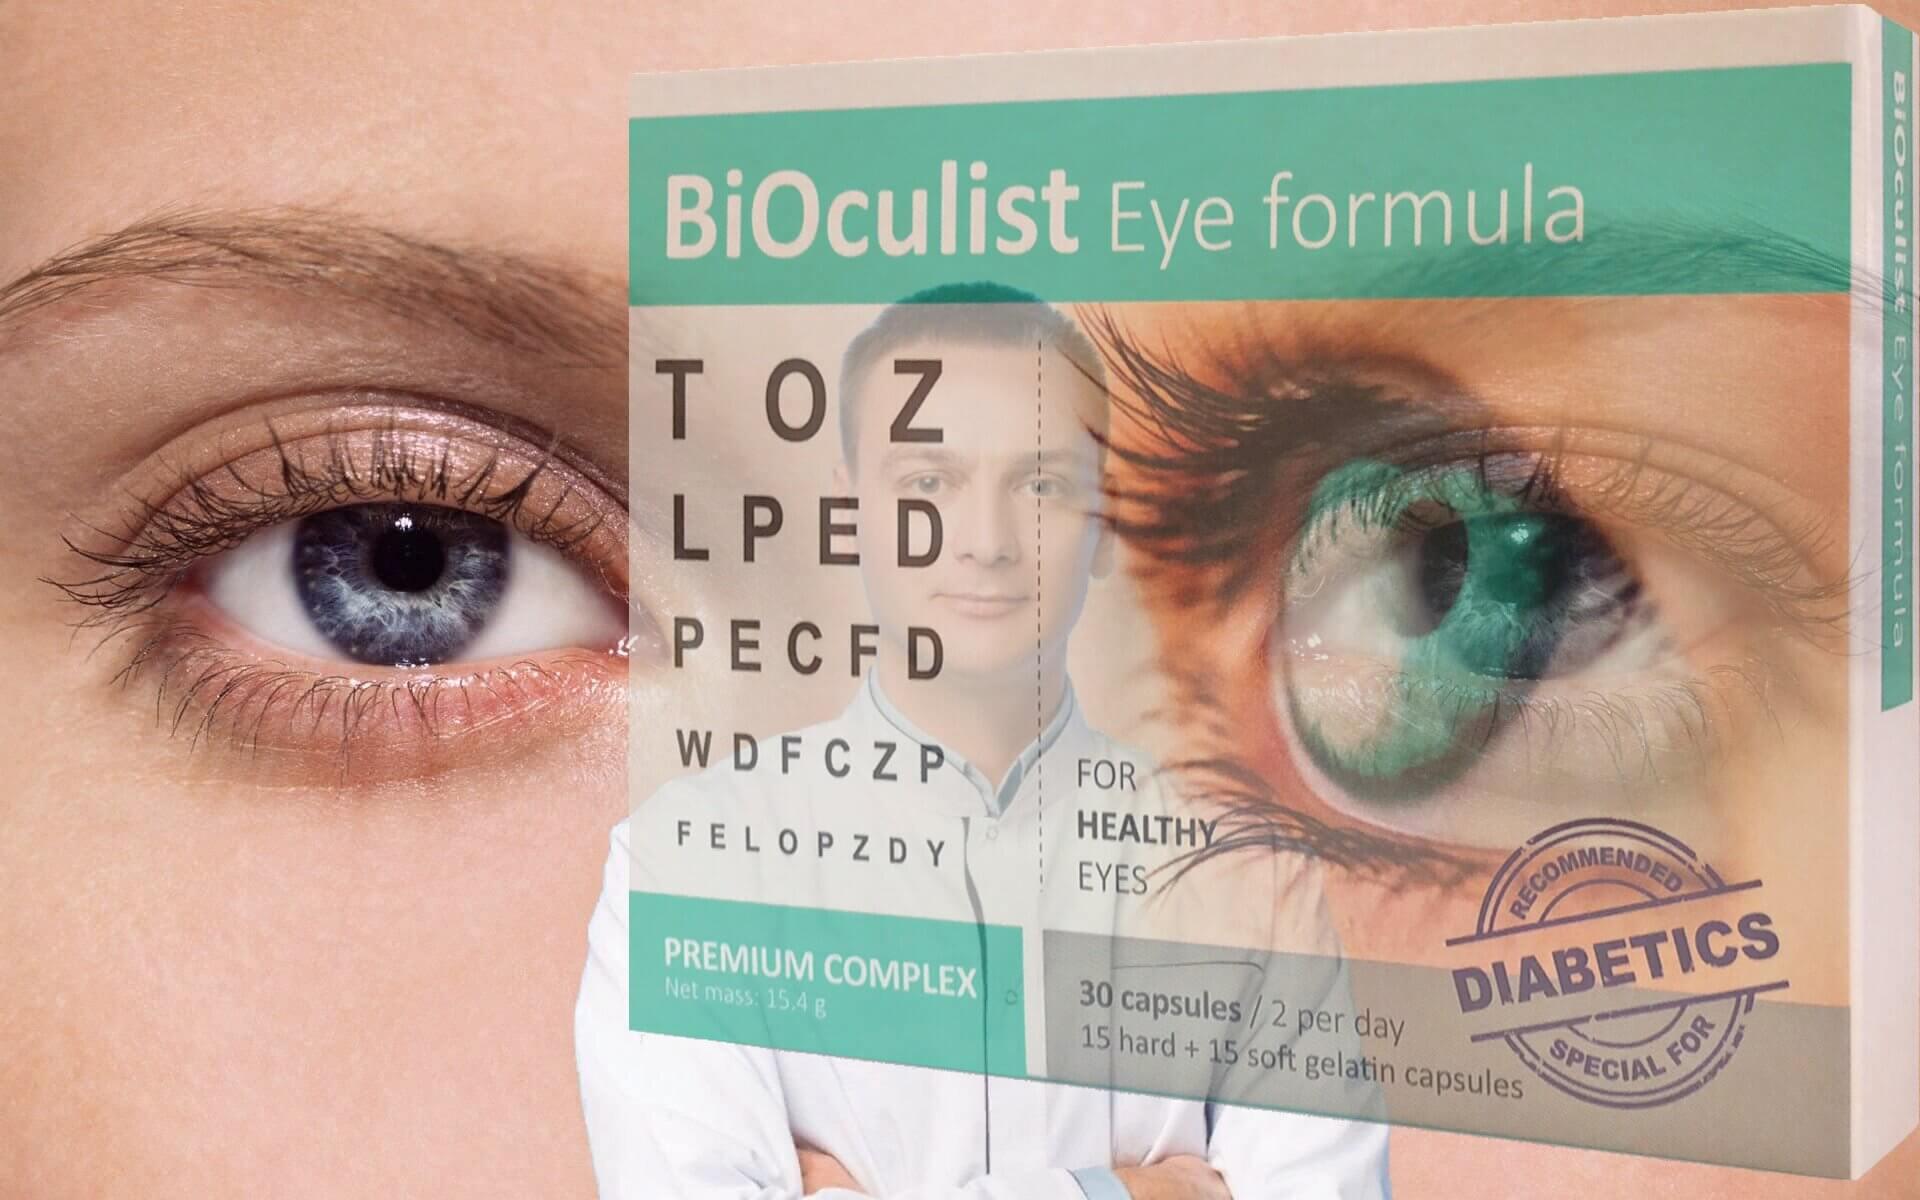 Rövidlátás szemgyakorlatok a látás javítása érdekében